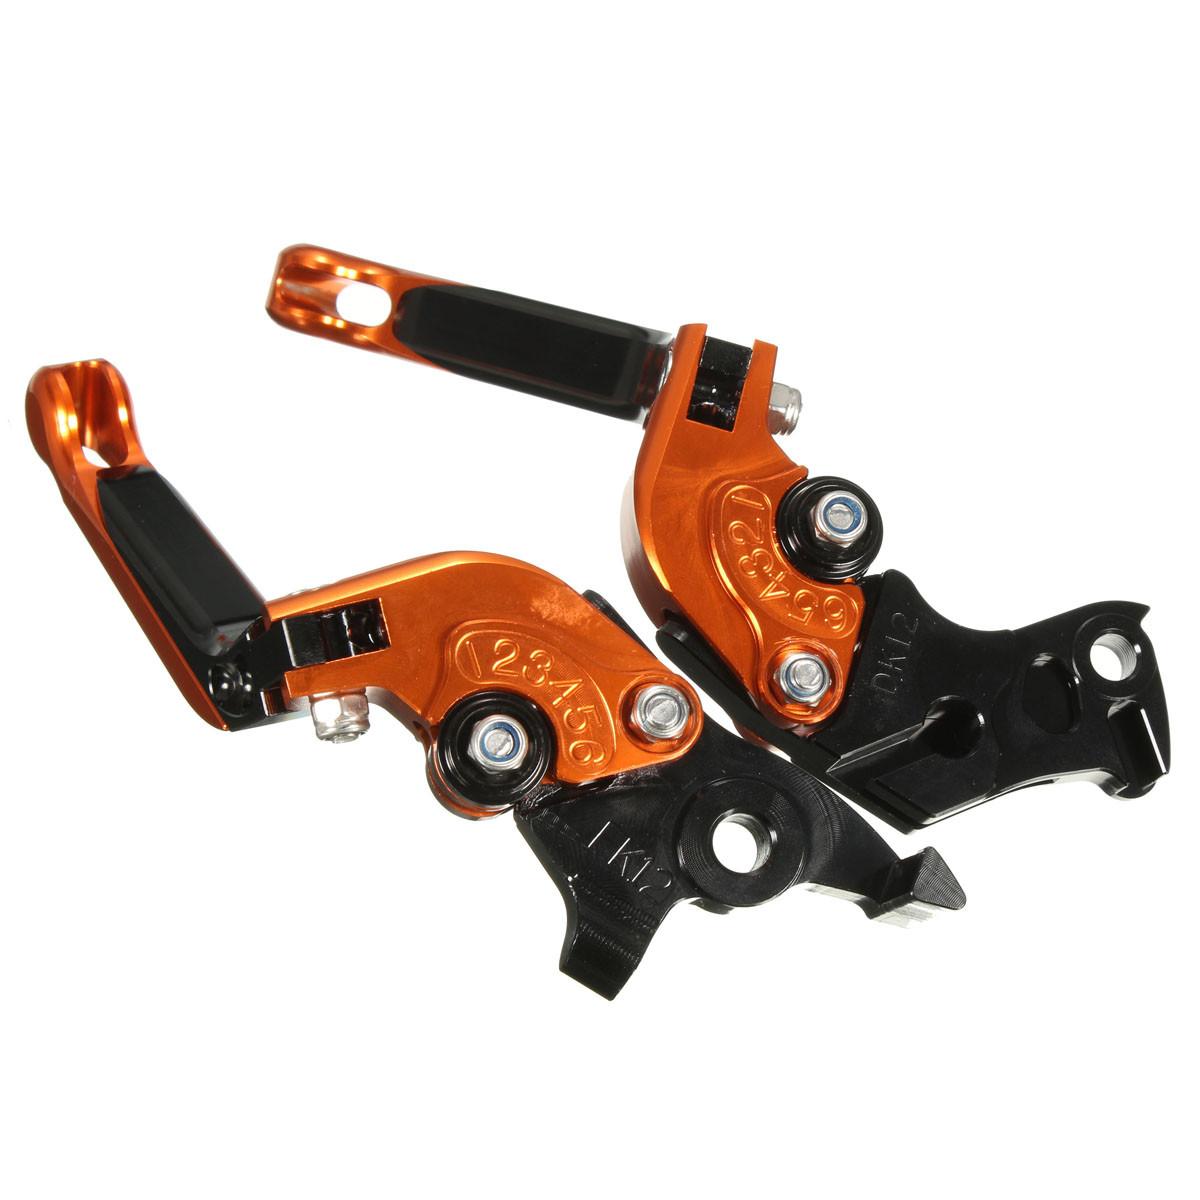 CNC Adjustable Brake Clutch Levers For KTM DUKE 125 DUKE 200 DUKE 390